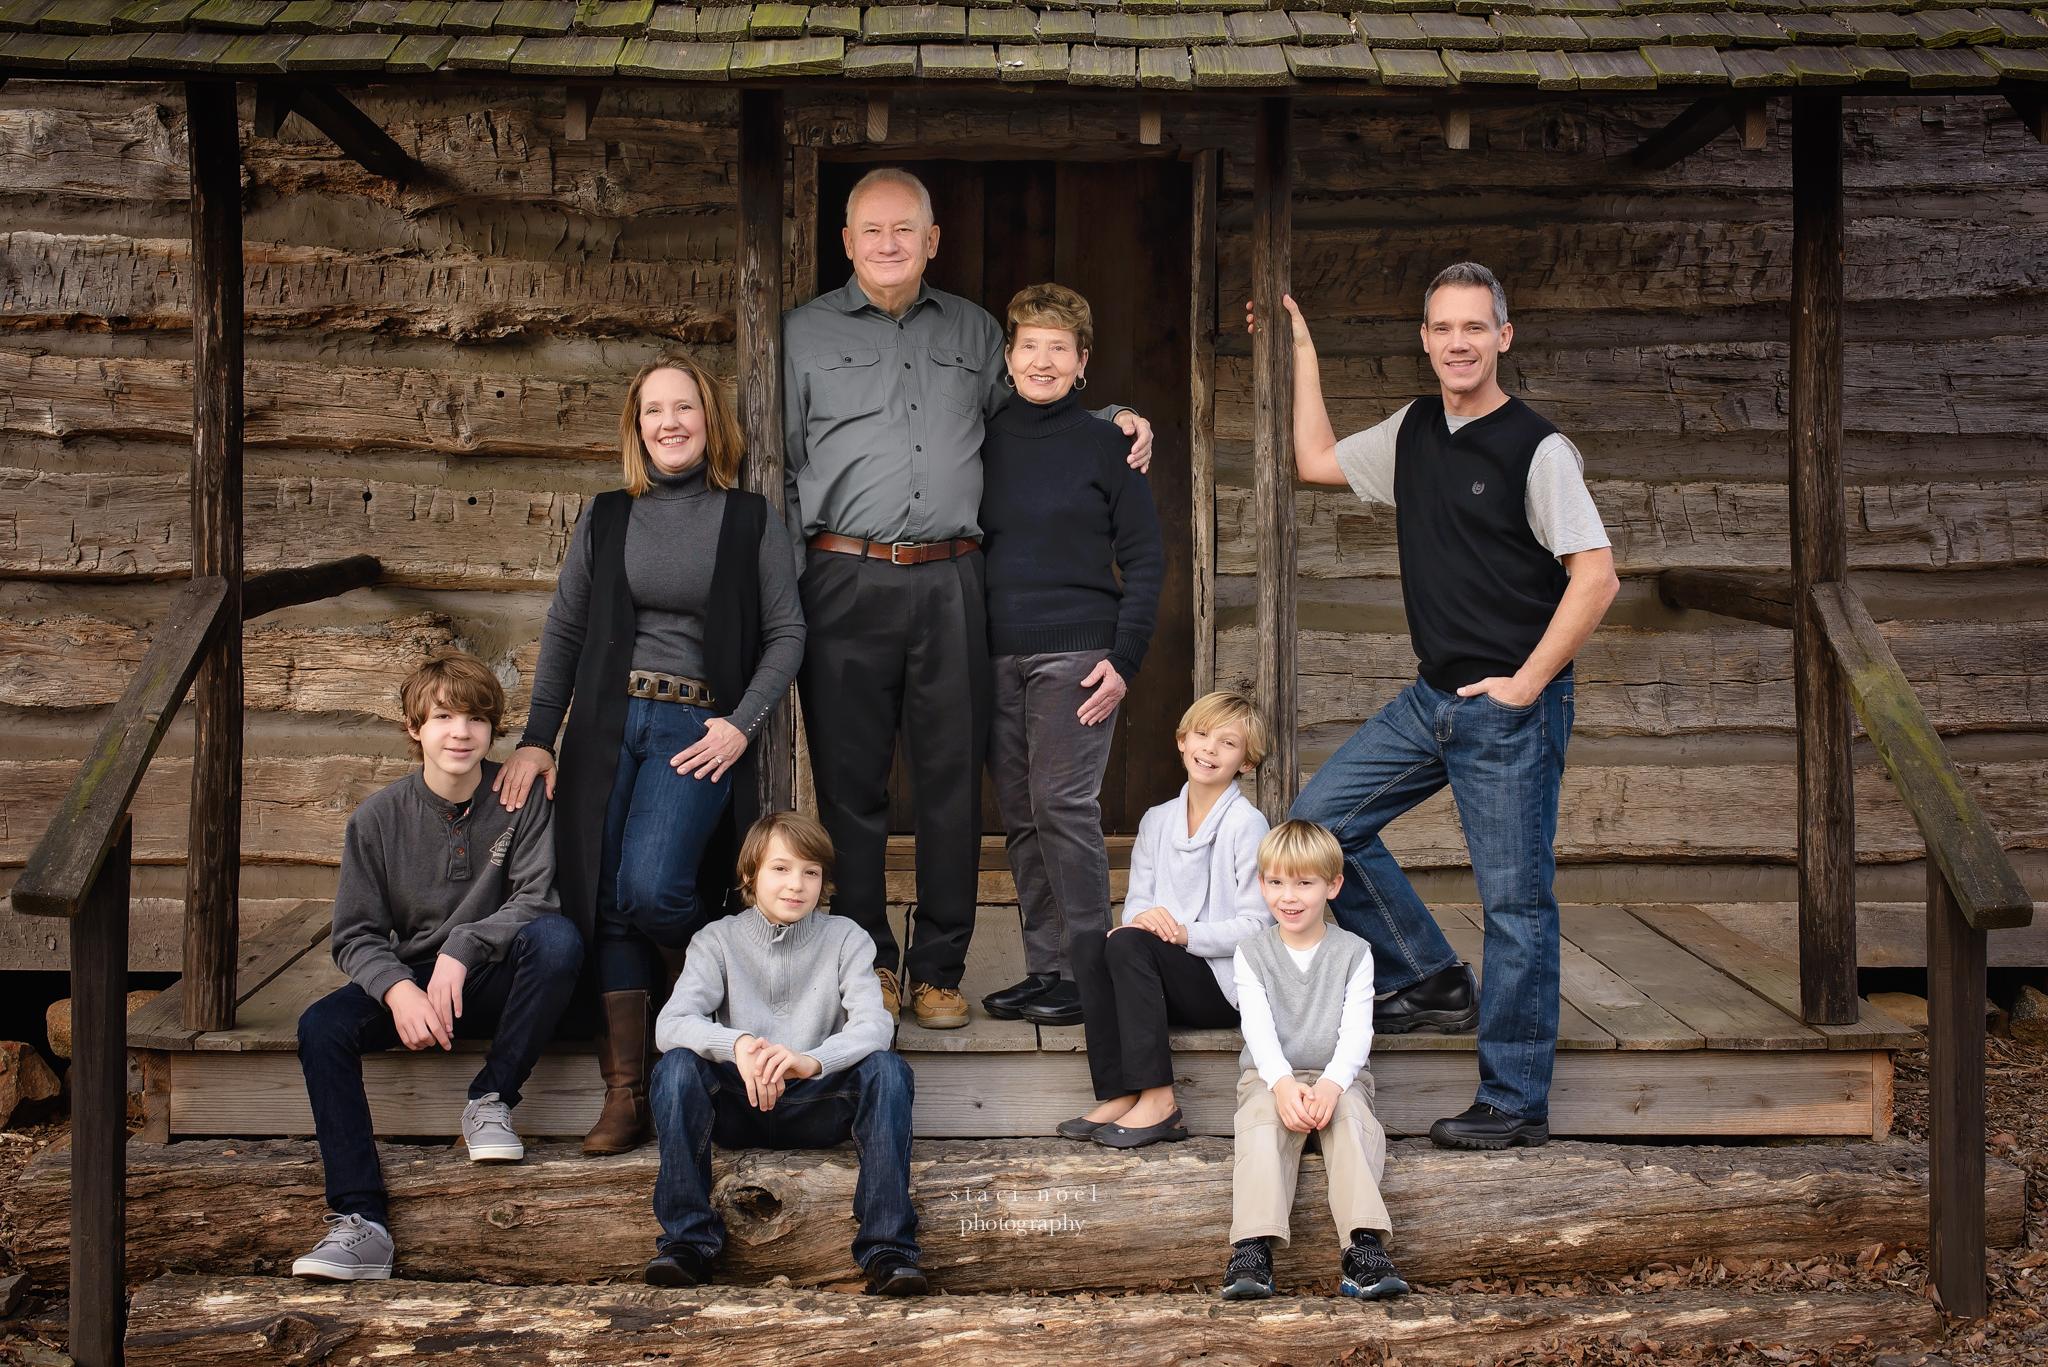 charlottephotographer.staci noel.family.2.jpg